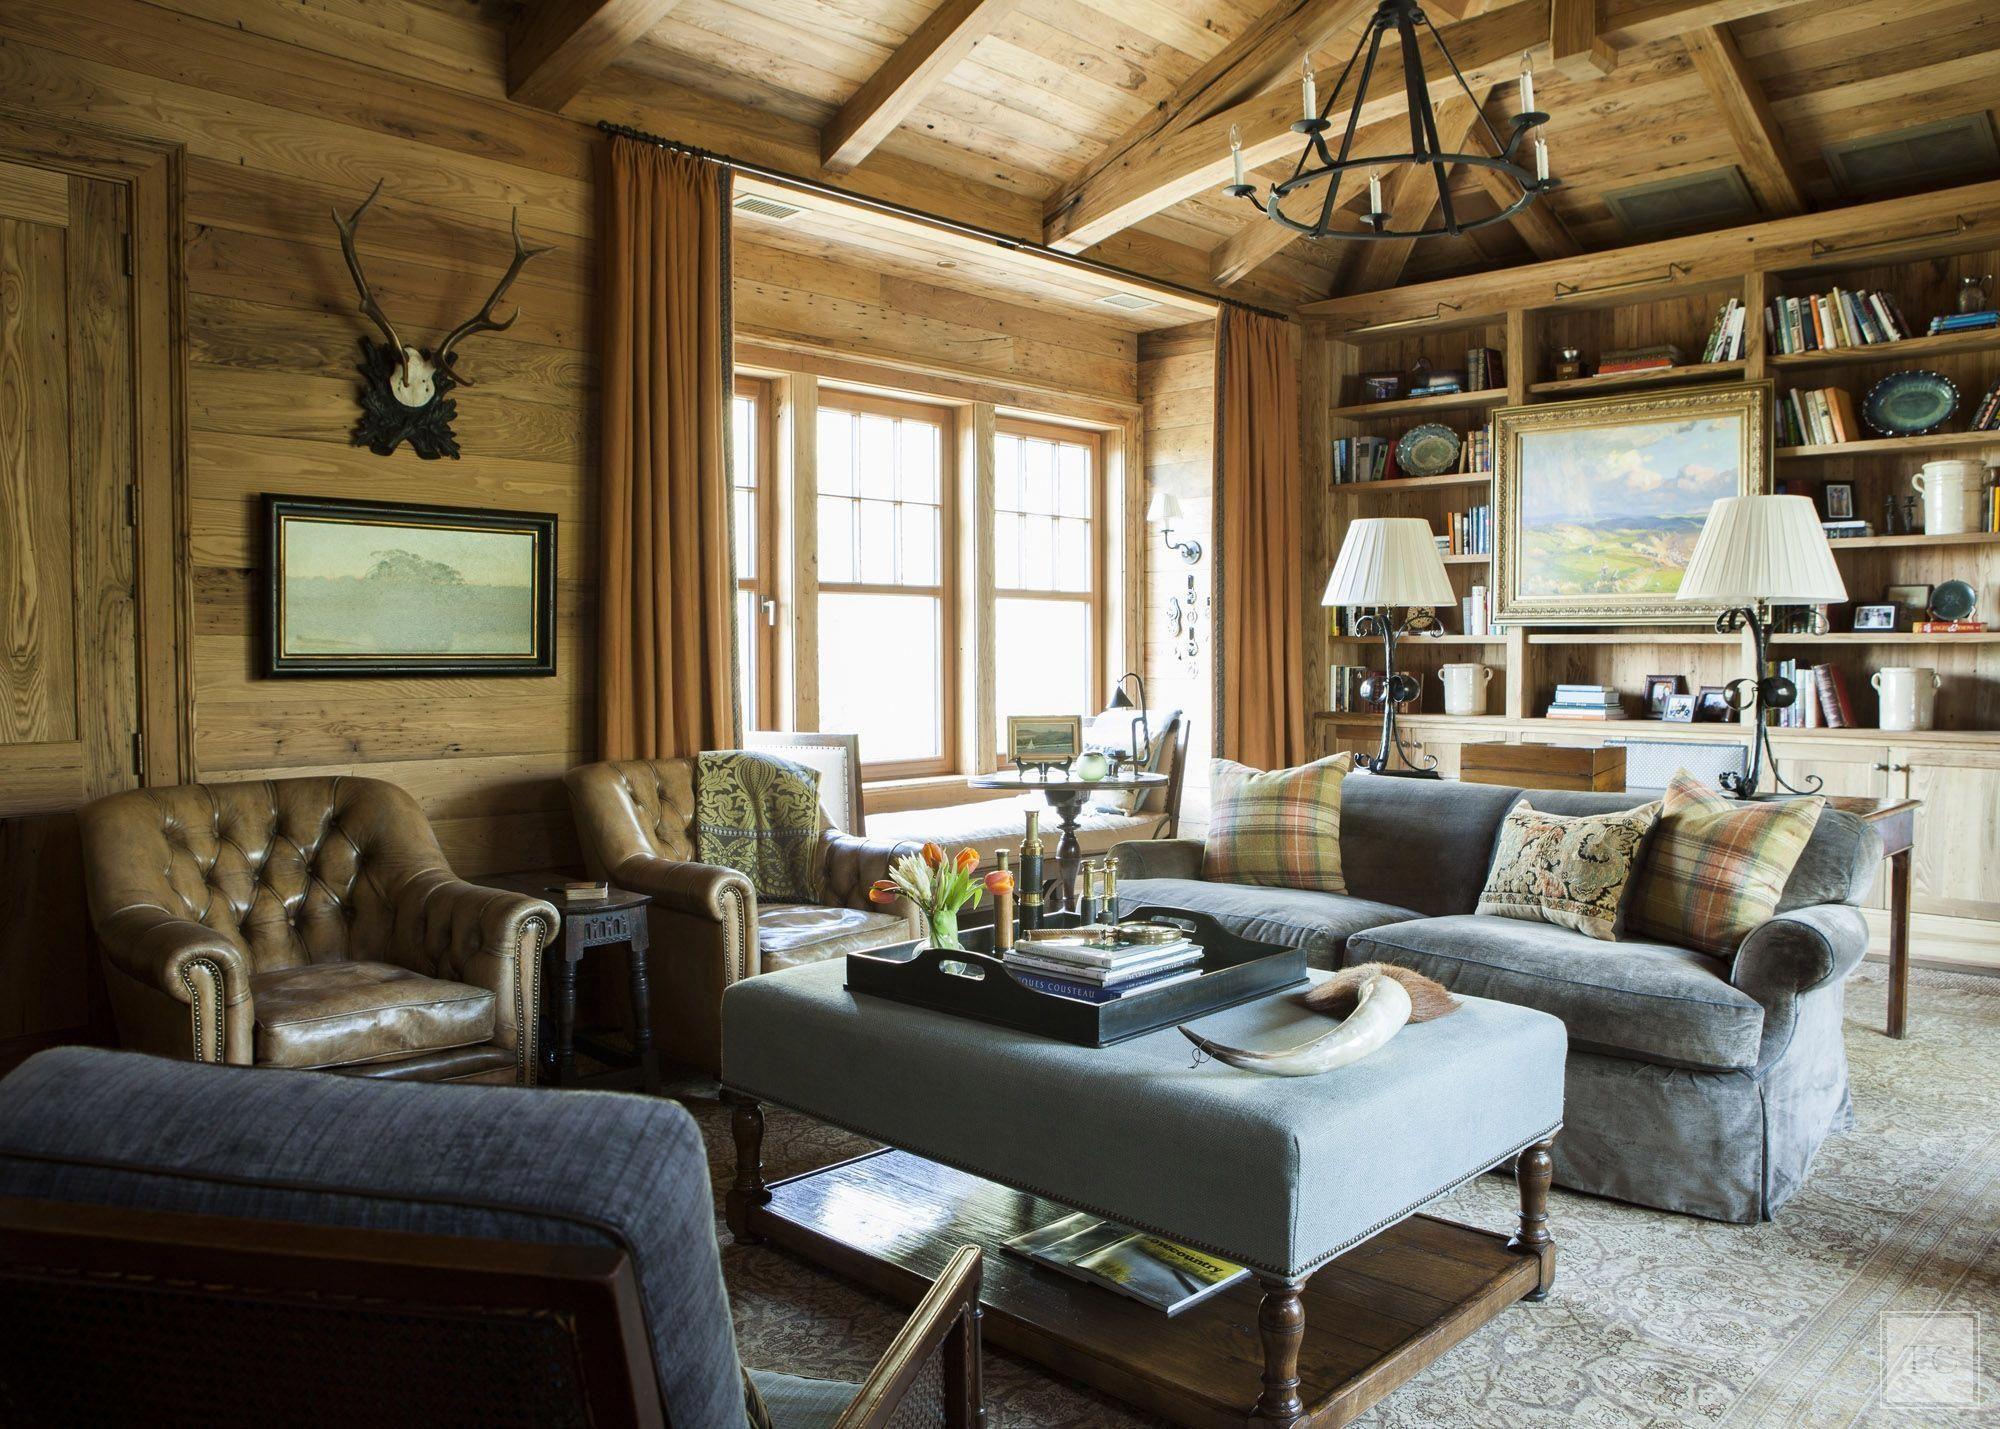 From the portfolio of tammy connor interior design interiordesigncourses